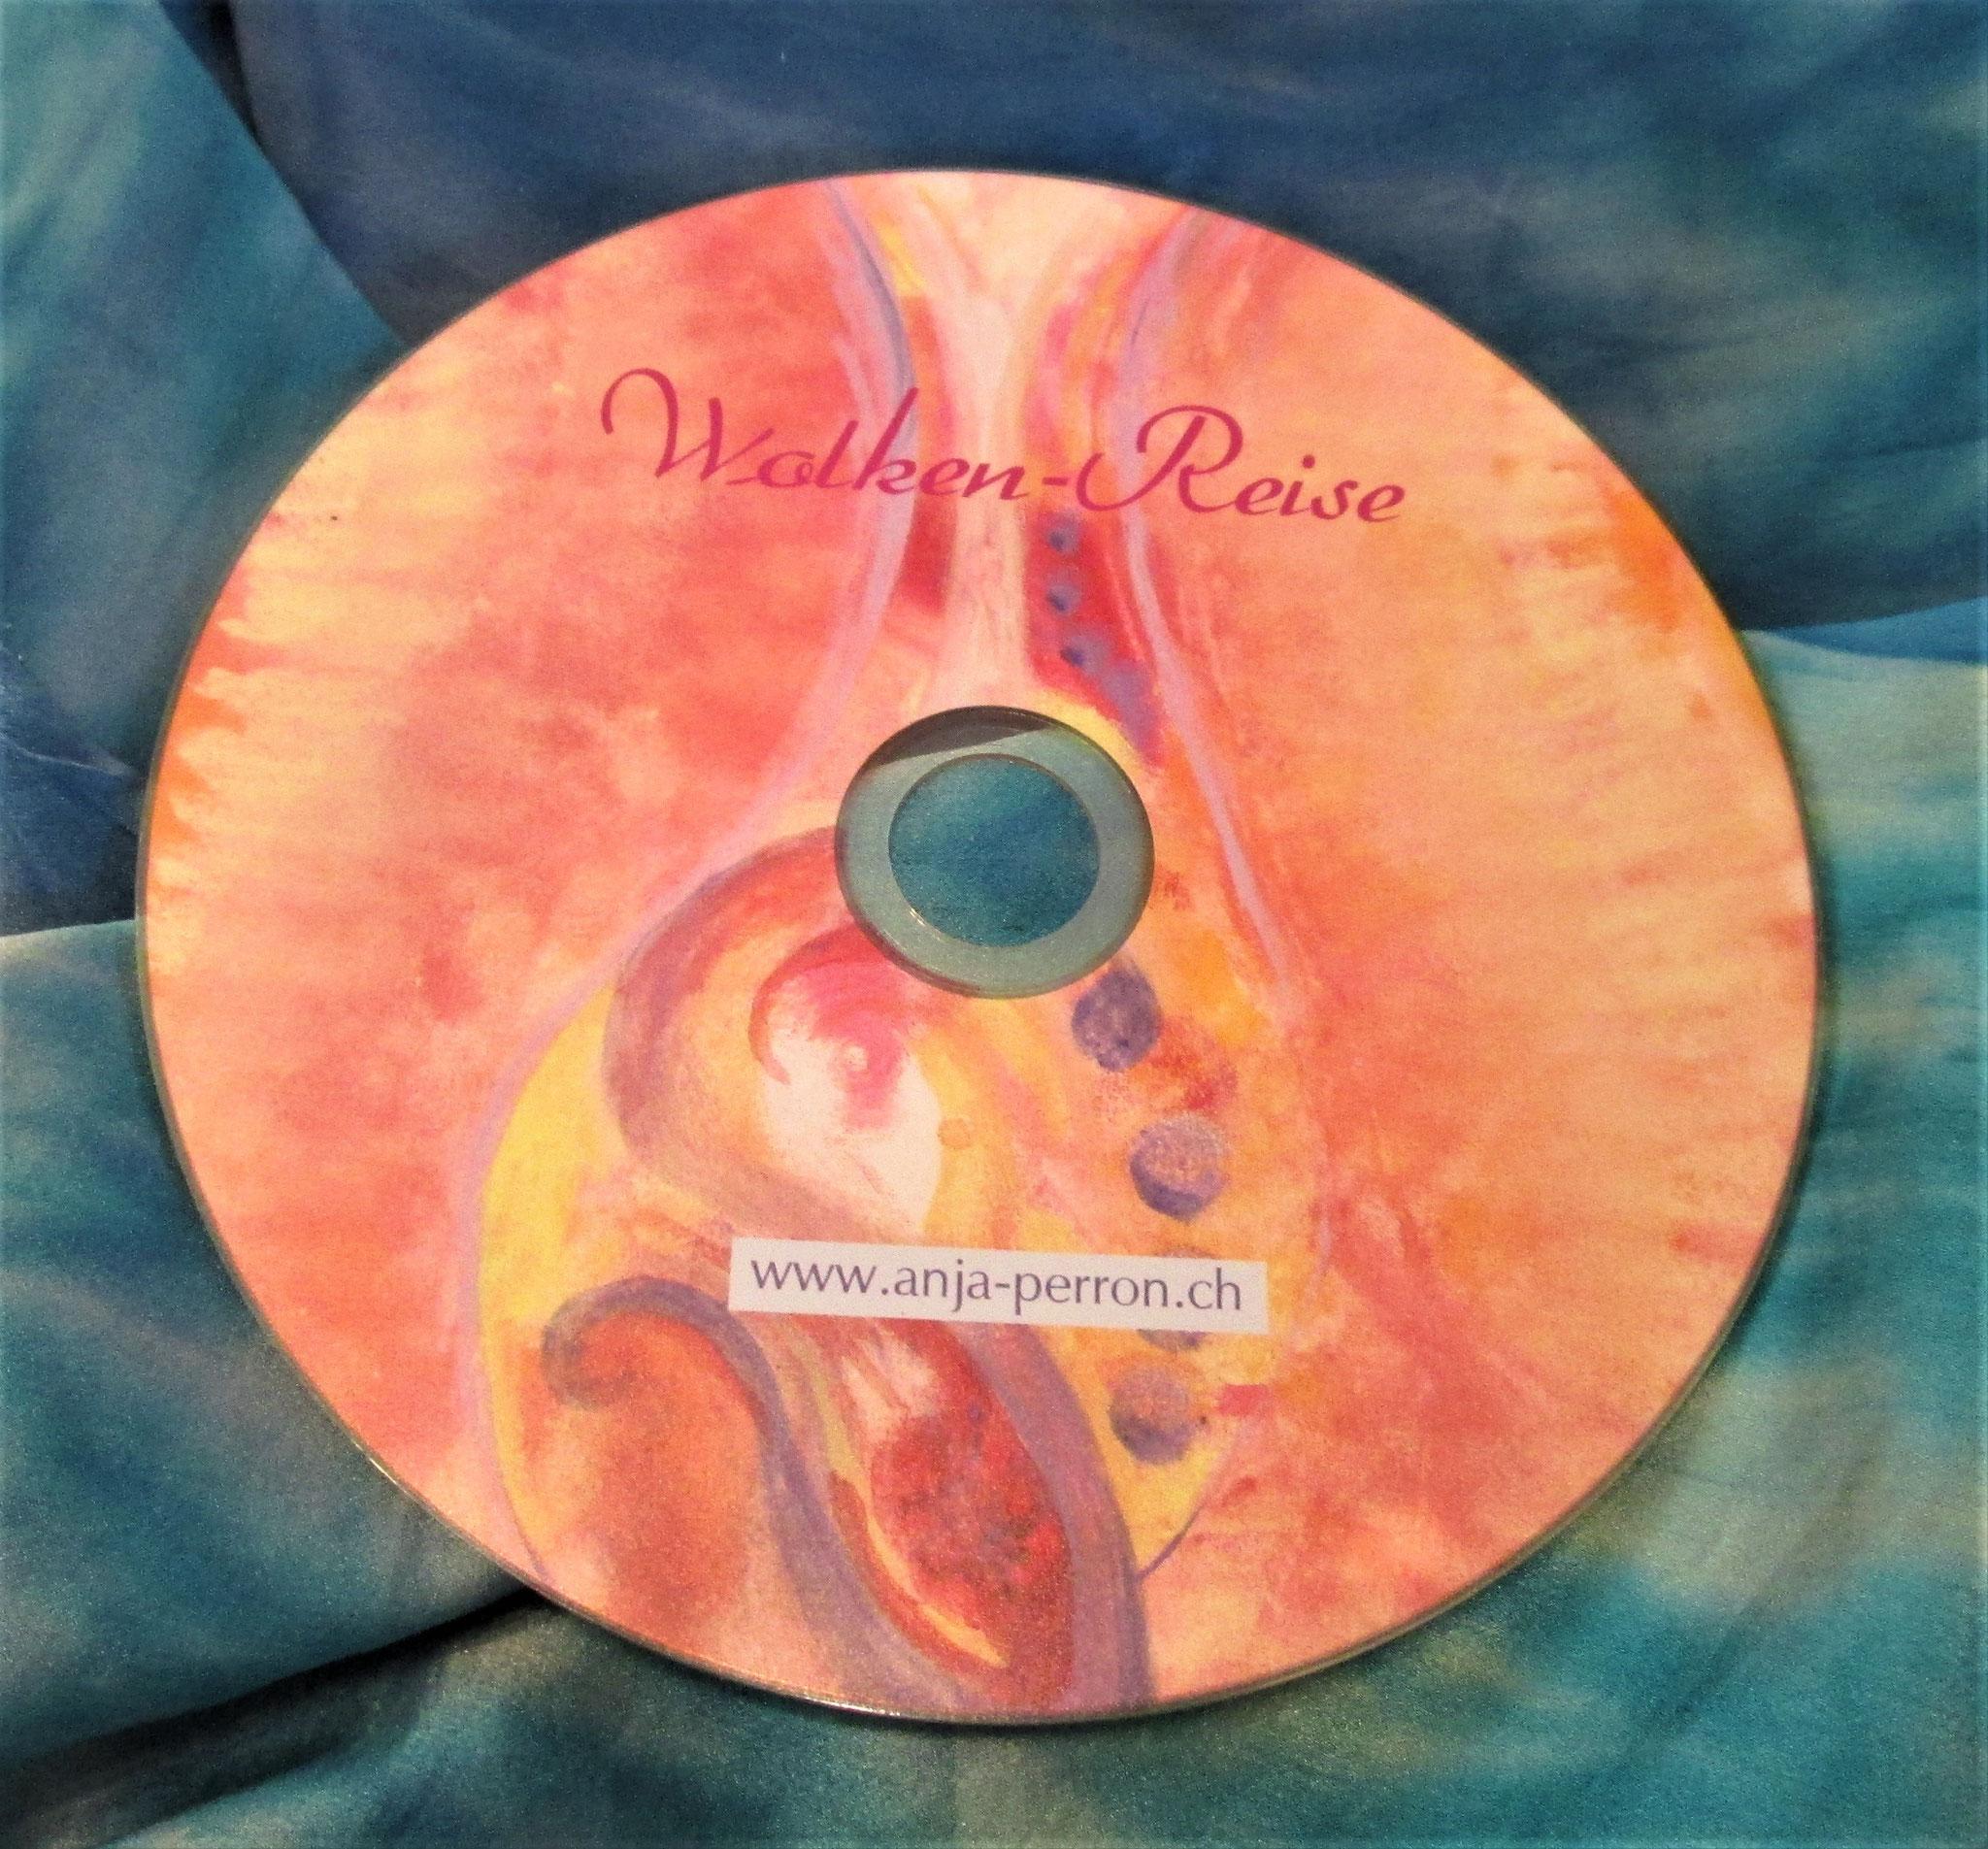 CD: Wolken-Reise zum Annehmen der Gefühle